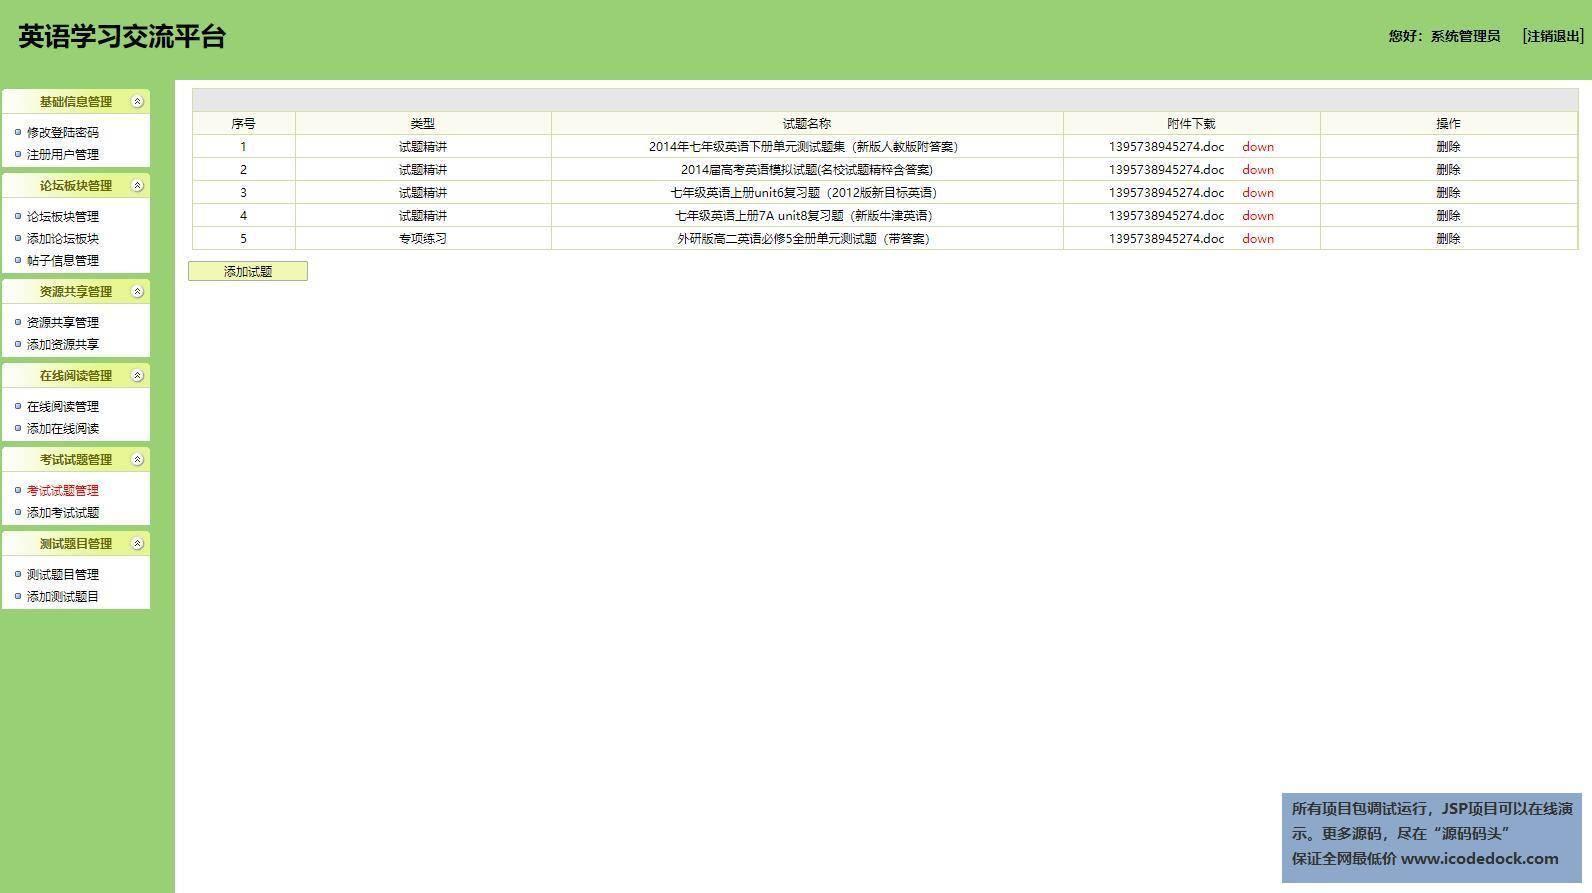 源码码头-SSH在校英语教学交流网站-管理员角色-考试试题添加